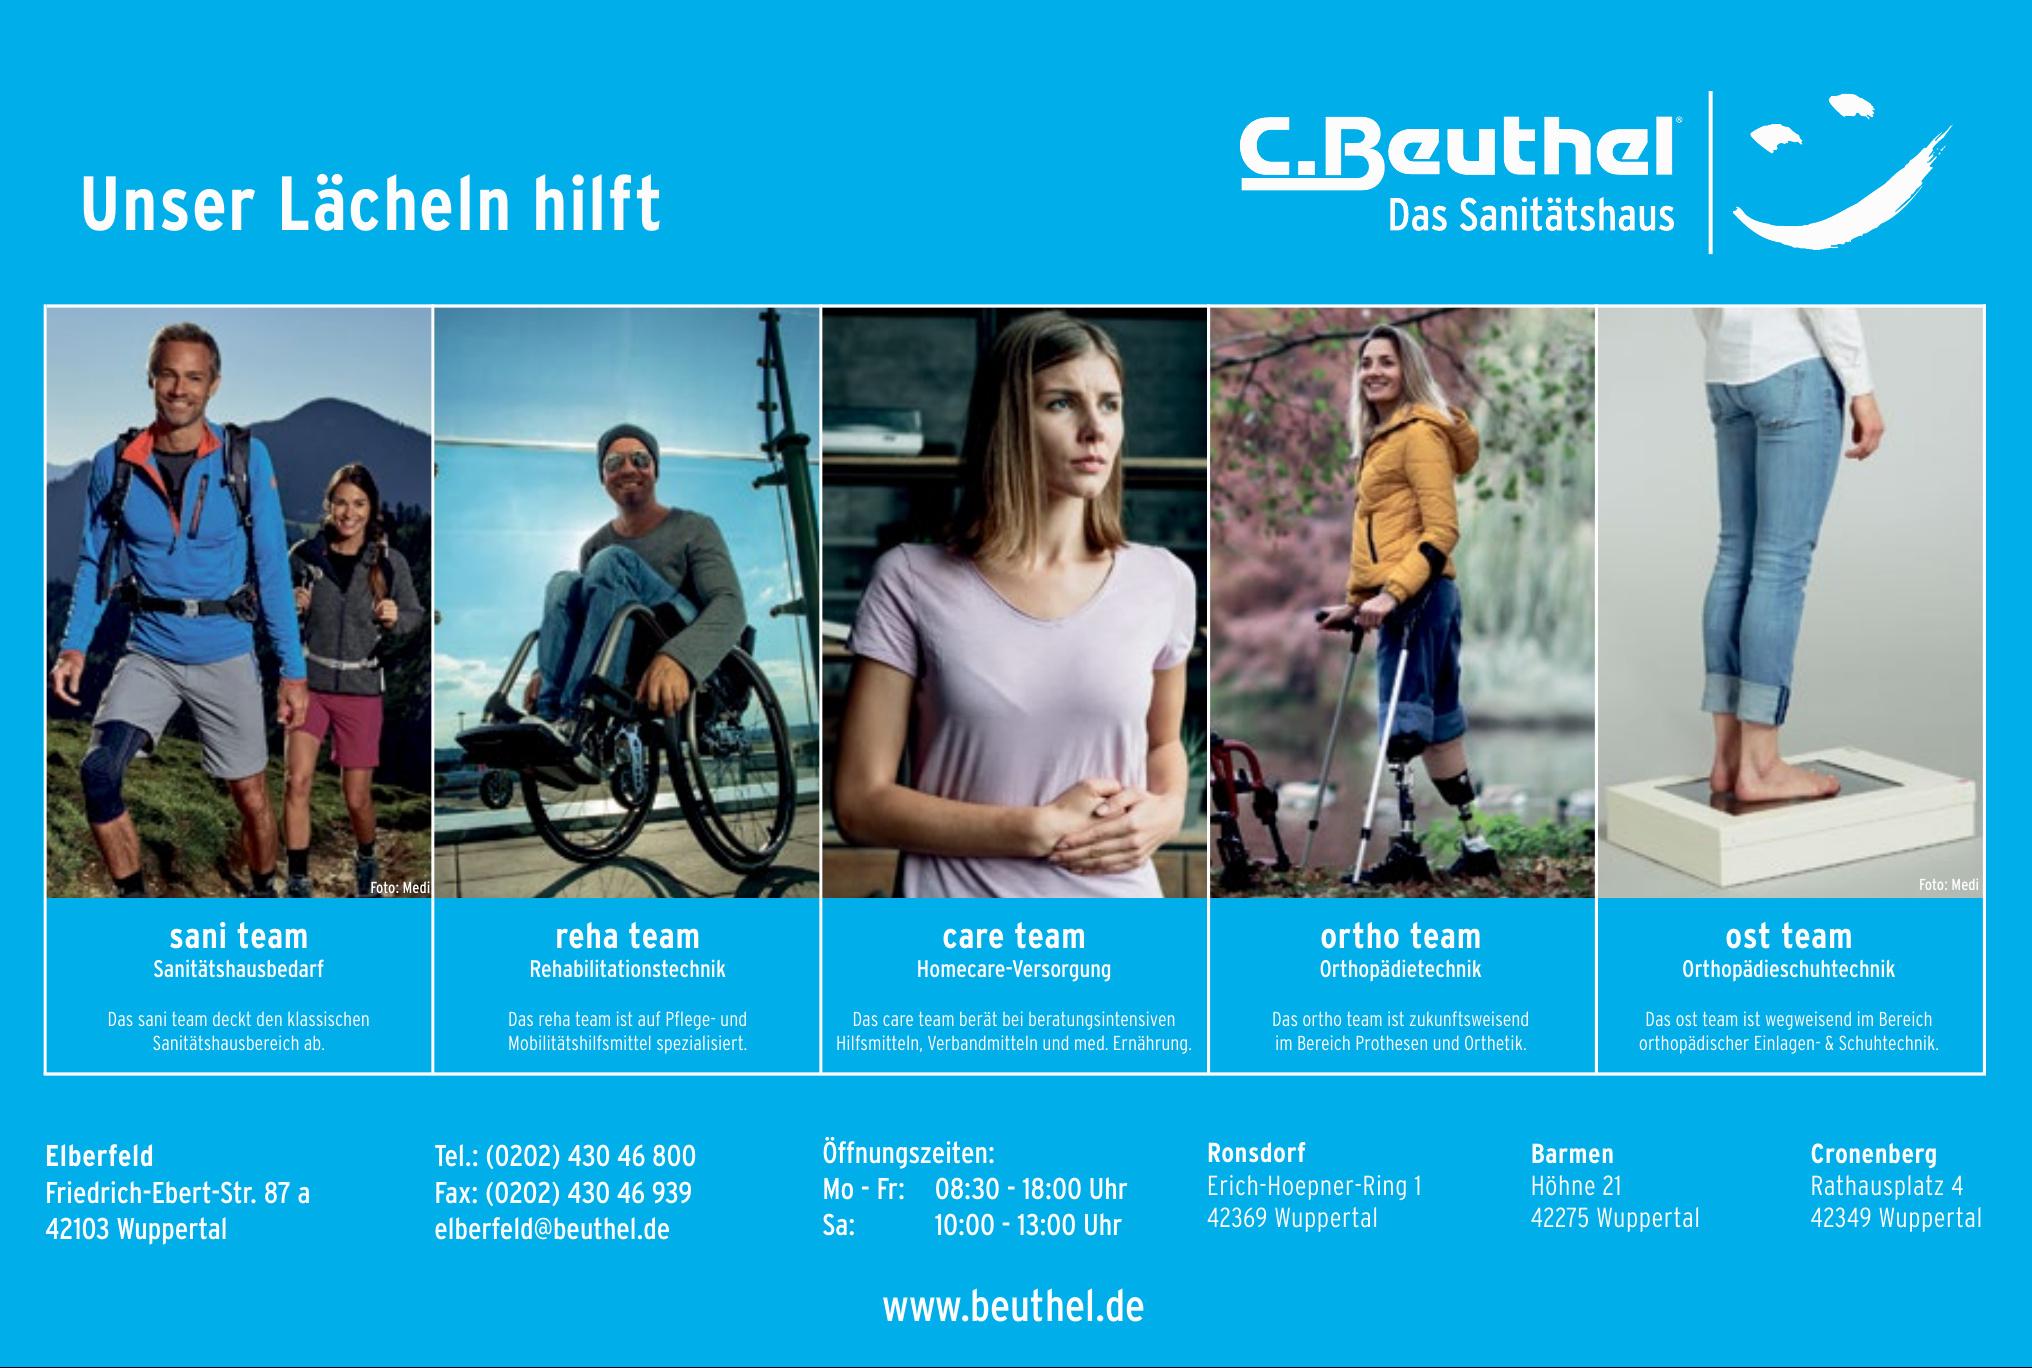 C. Beuthel Das Sanitätshaus